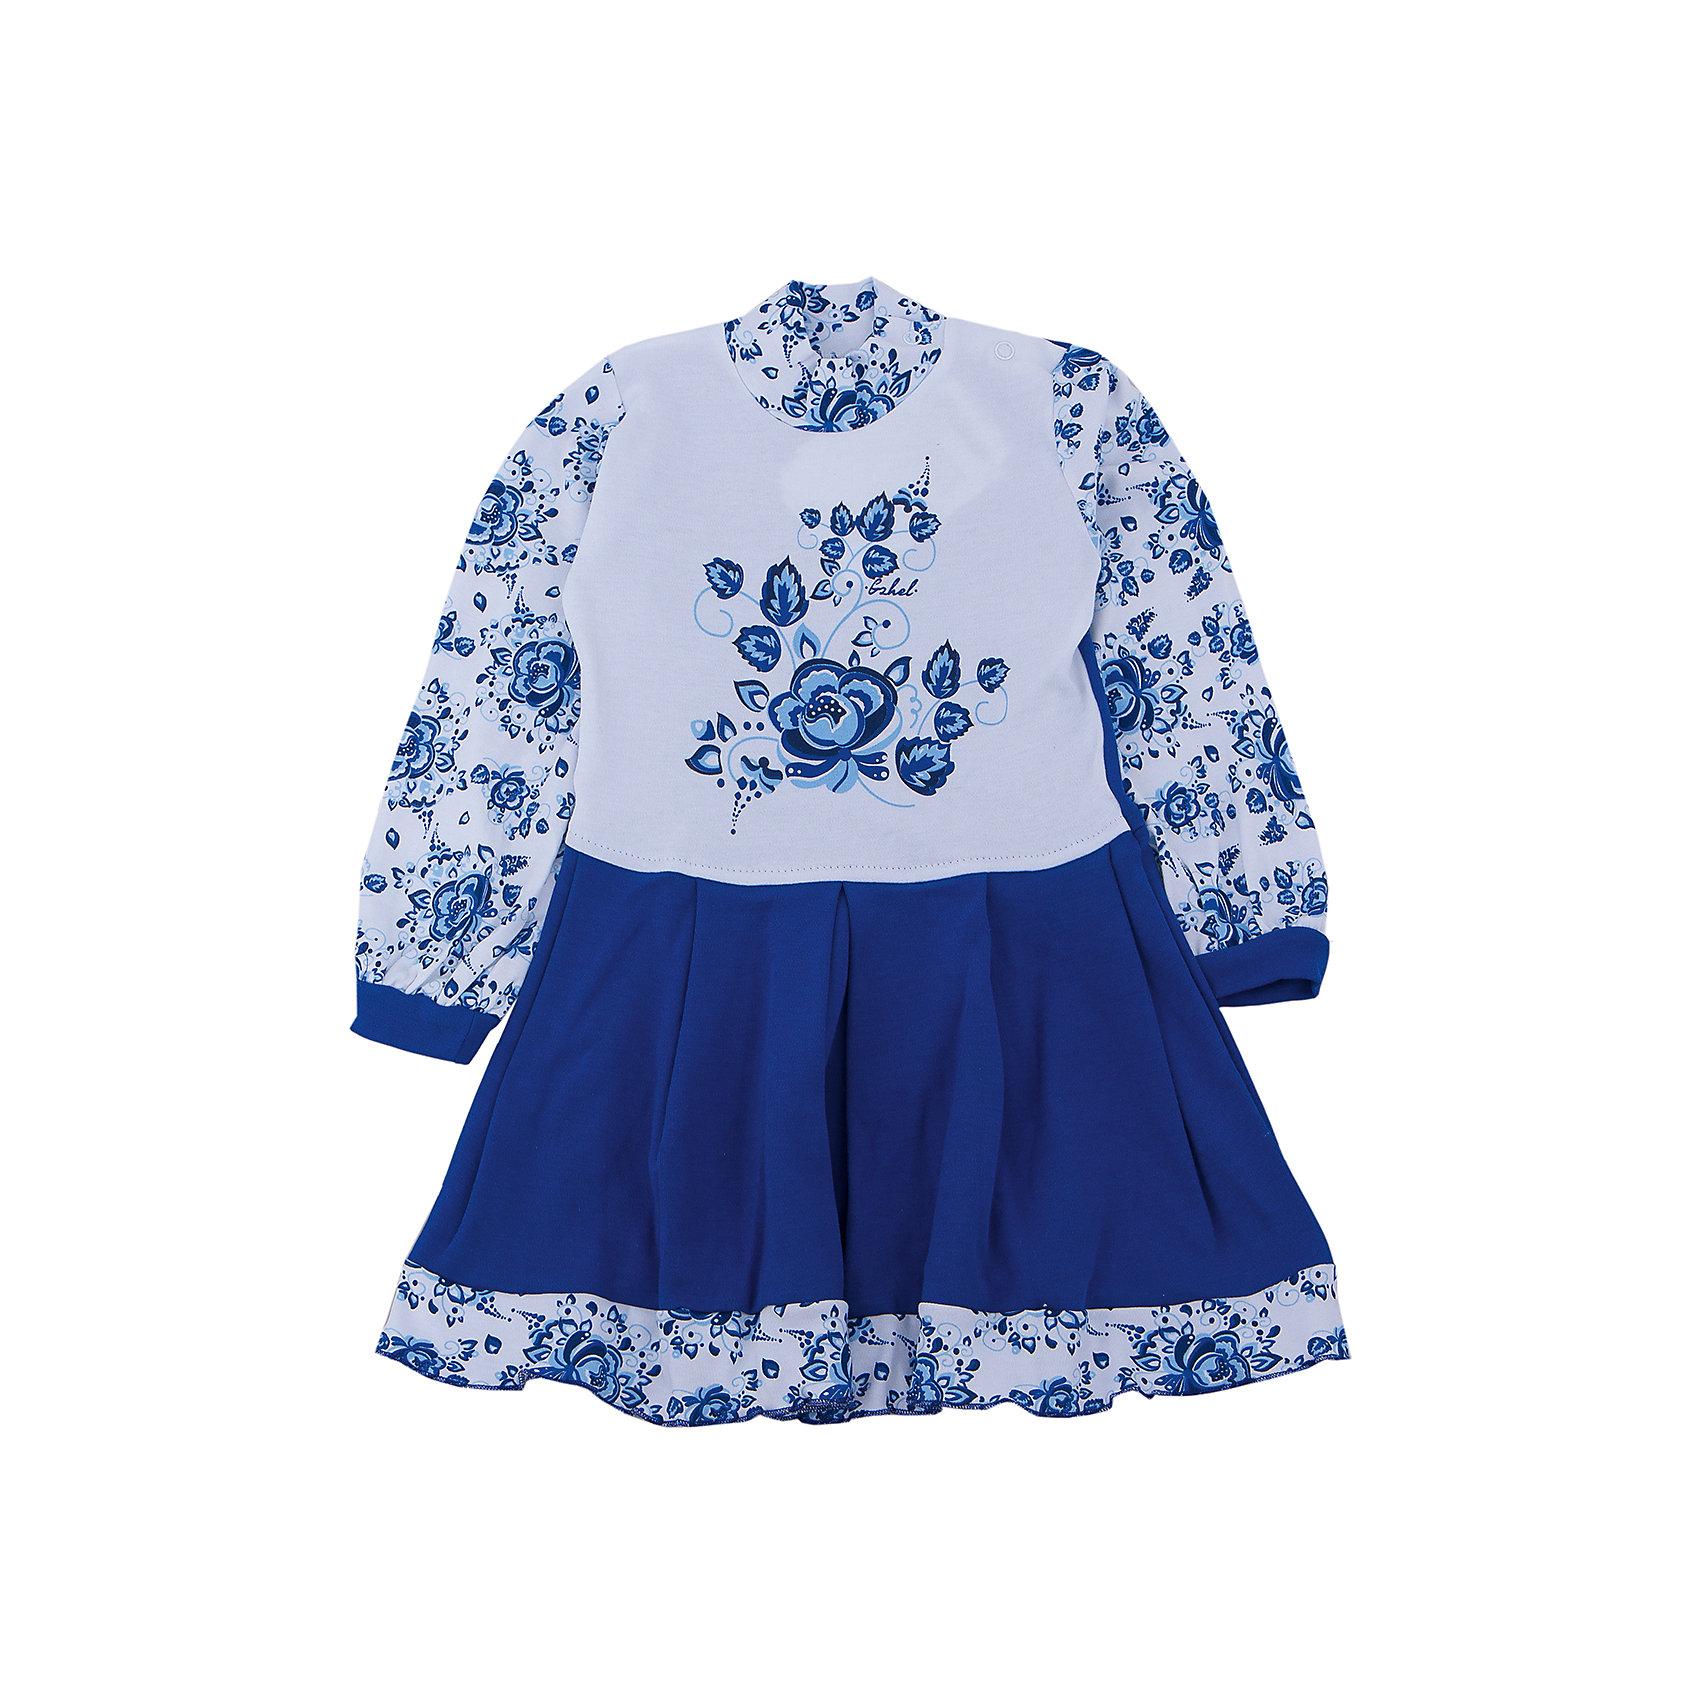 Платье для девочки АпрельПлатье для девочки Апрель.<br><br>Характеристики:<br>• состав: хлопок<br>• цвет: синий/белый<br>• коллекция: Гжель<br><br>Каждая модница по достоинству оценит платье из коллекции Гжель от известной марки Апрель. Оно имеет популярную расцветку, привлекающую внимание. Платье изготовлено из качественного хлопка, имеет приталенный силуэт, длинные рукава и высокий воротничок. Платье украшено рюшами по низу подола. Такое платье обязательно порадует юную модницу!<br><br>Платье для девочки Апрель вы можете купить в нашем интернет-магазине.<br><br>Ширина мм: 236<br>Глубина мм: 16<br>Высота мм: 184<br>Вес г: 177<br>Цвет: синий/белый<br>Возраст от месяцев: 84<br>Возраст до месяцев: 96<br>Пол: Женский<br>Возраст: Детский<br>Размер: 128,92,98,104,110,116,122<br>SKU: 4937015